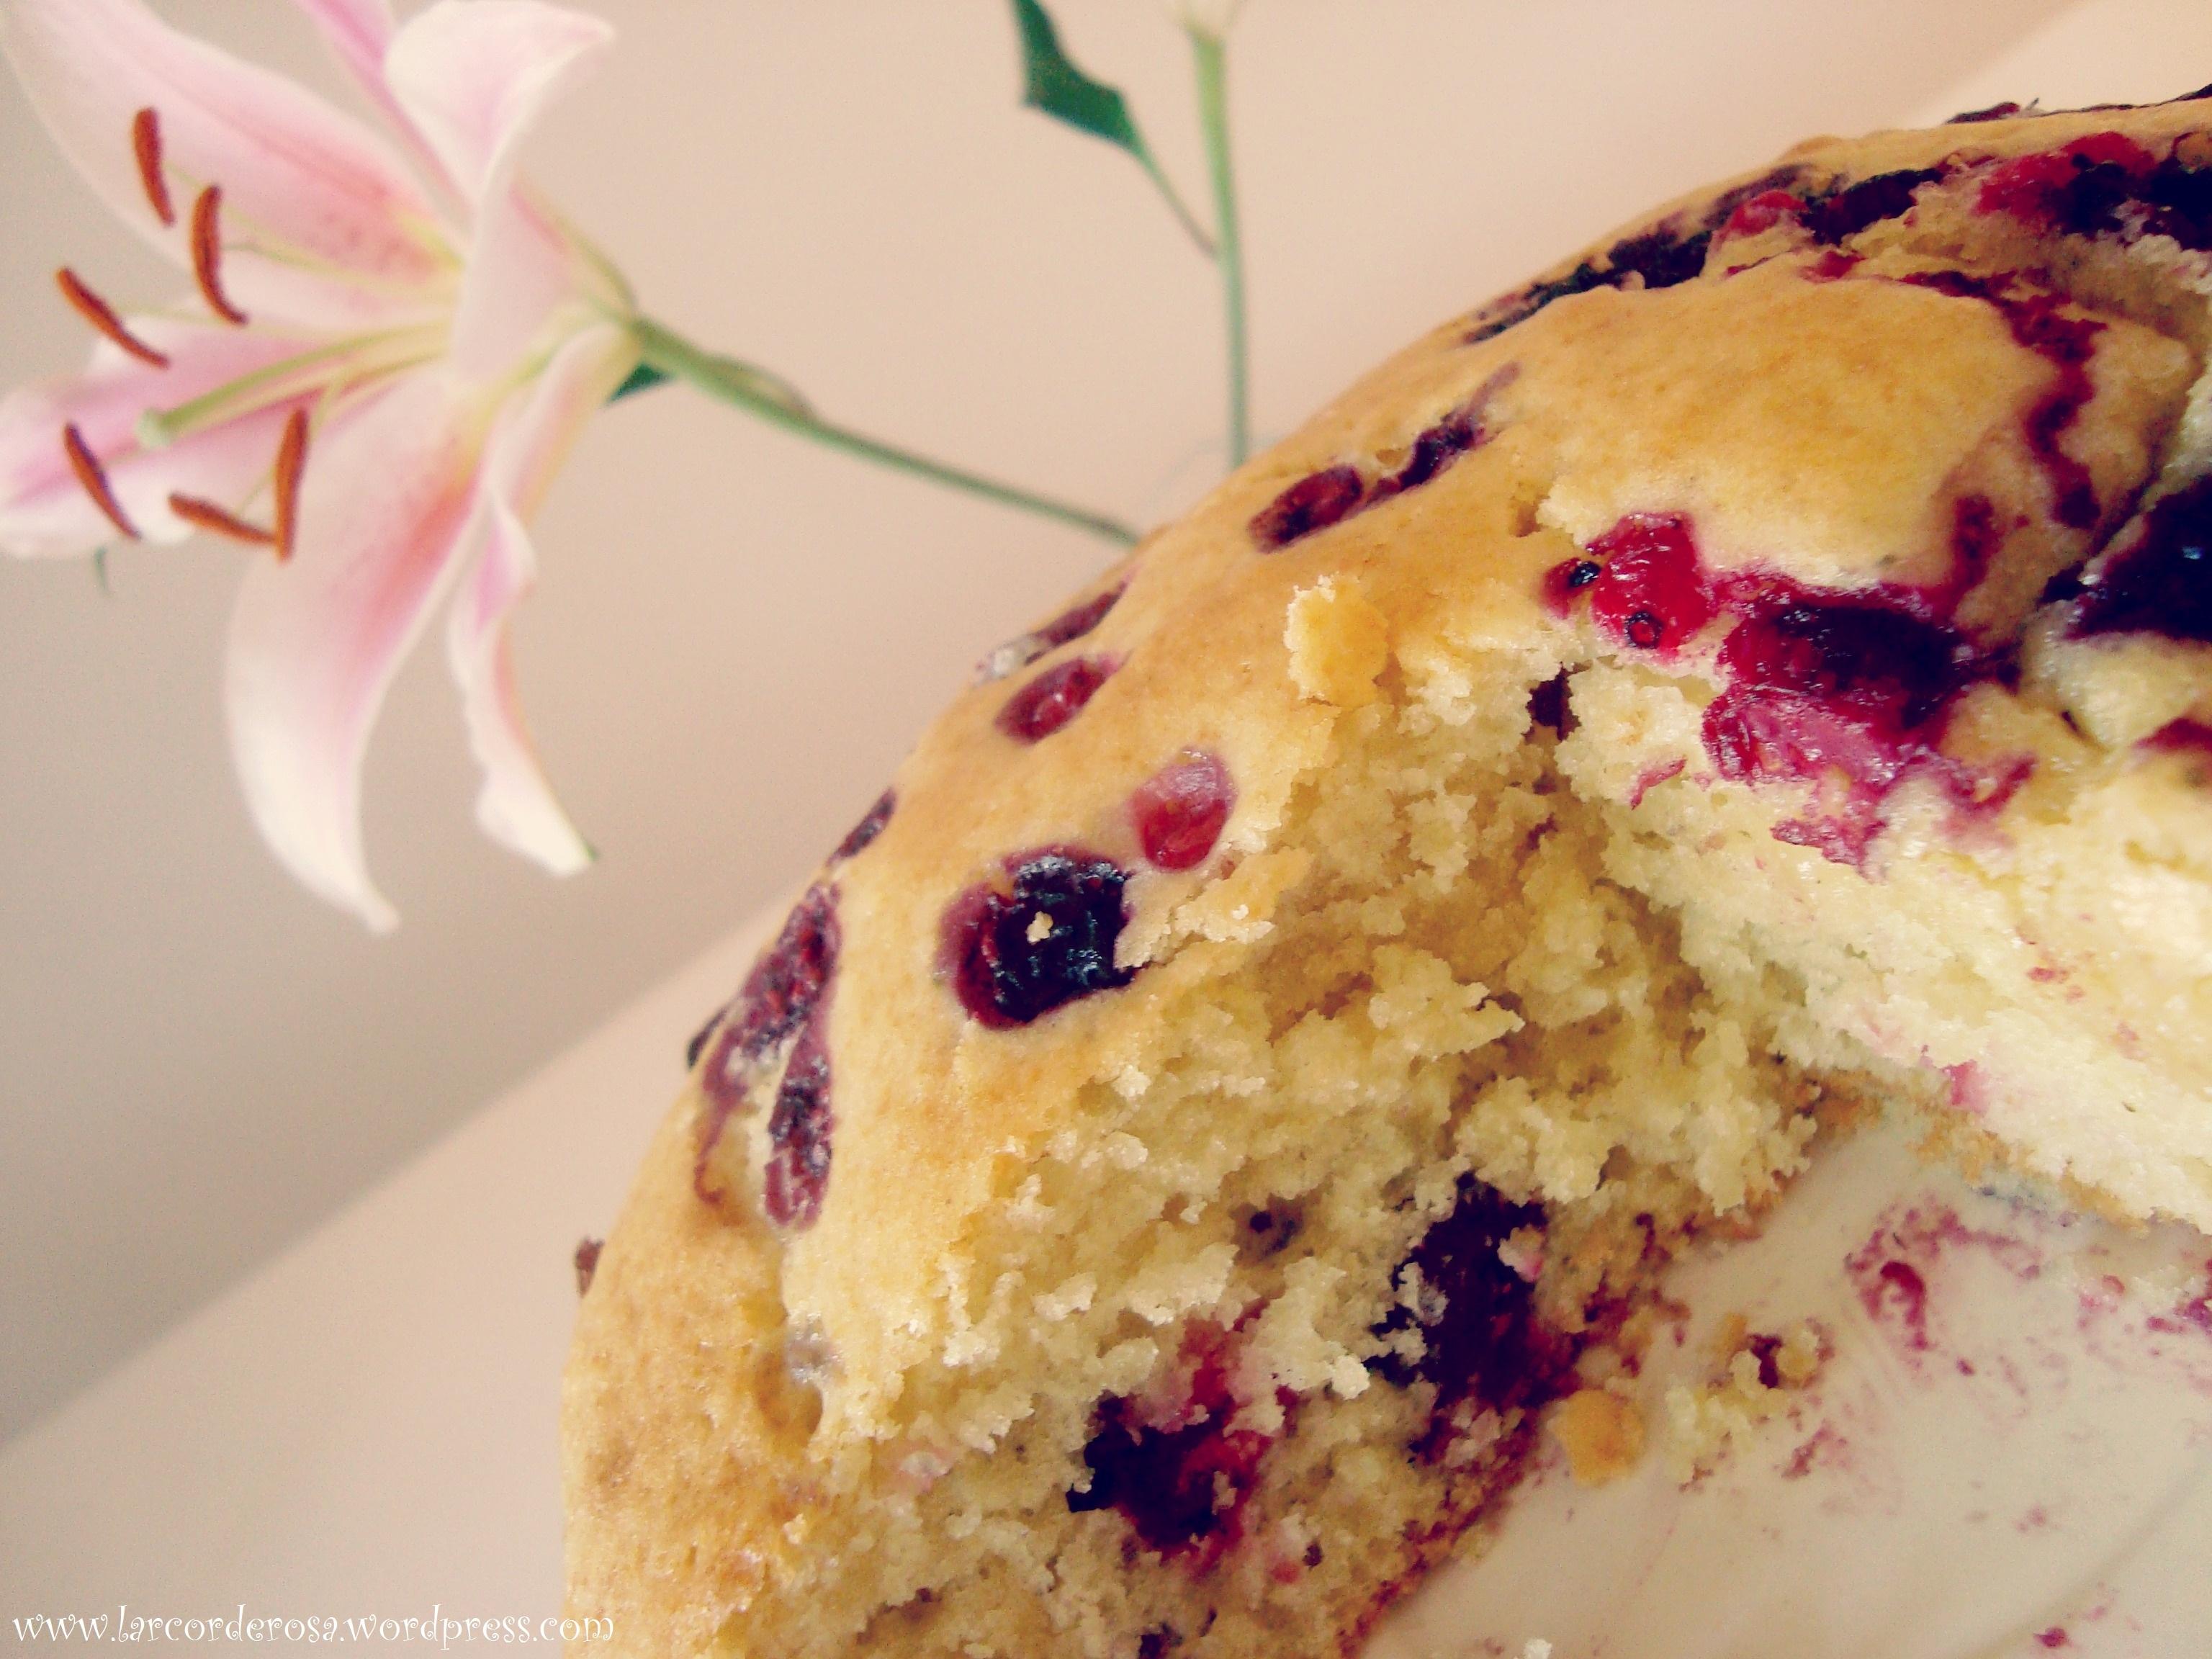 Hoje teve bolo com frutas vermelhas ♥